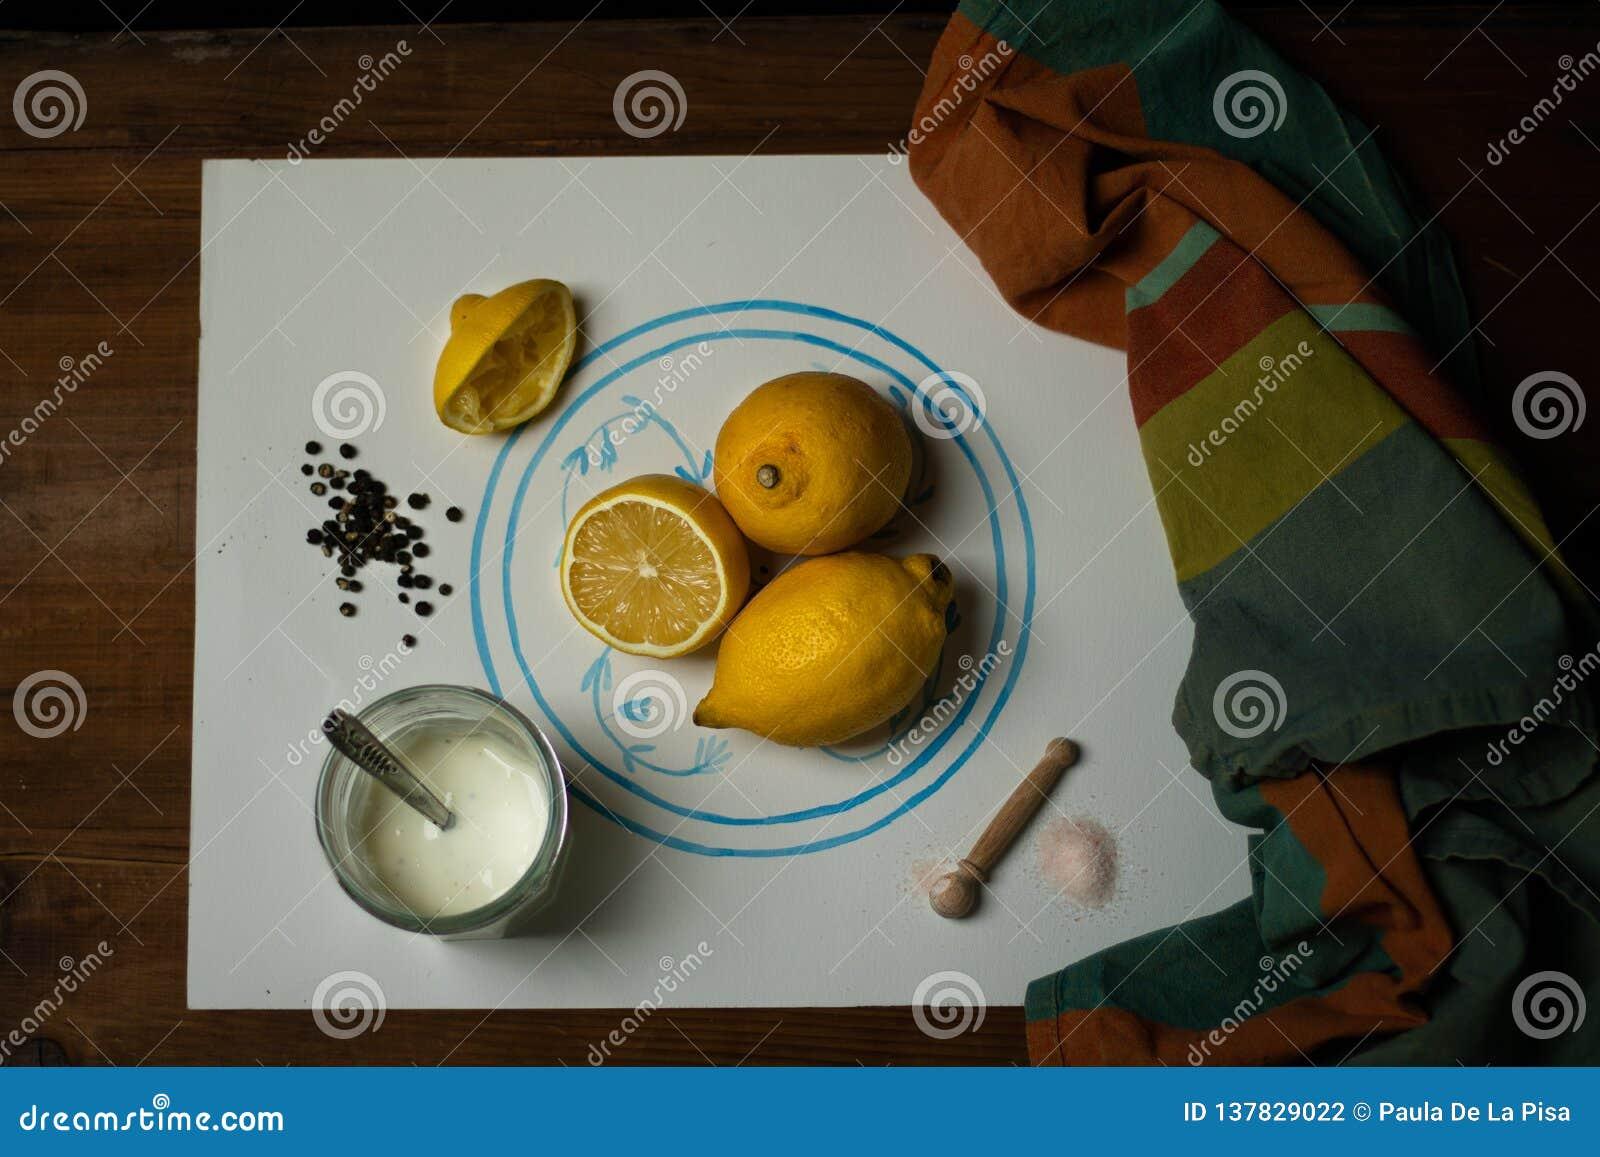 Yogurt lemon dressing